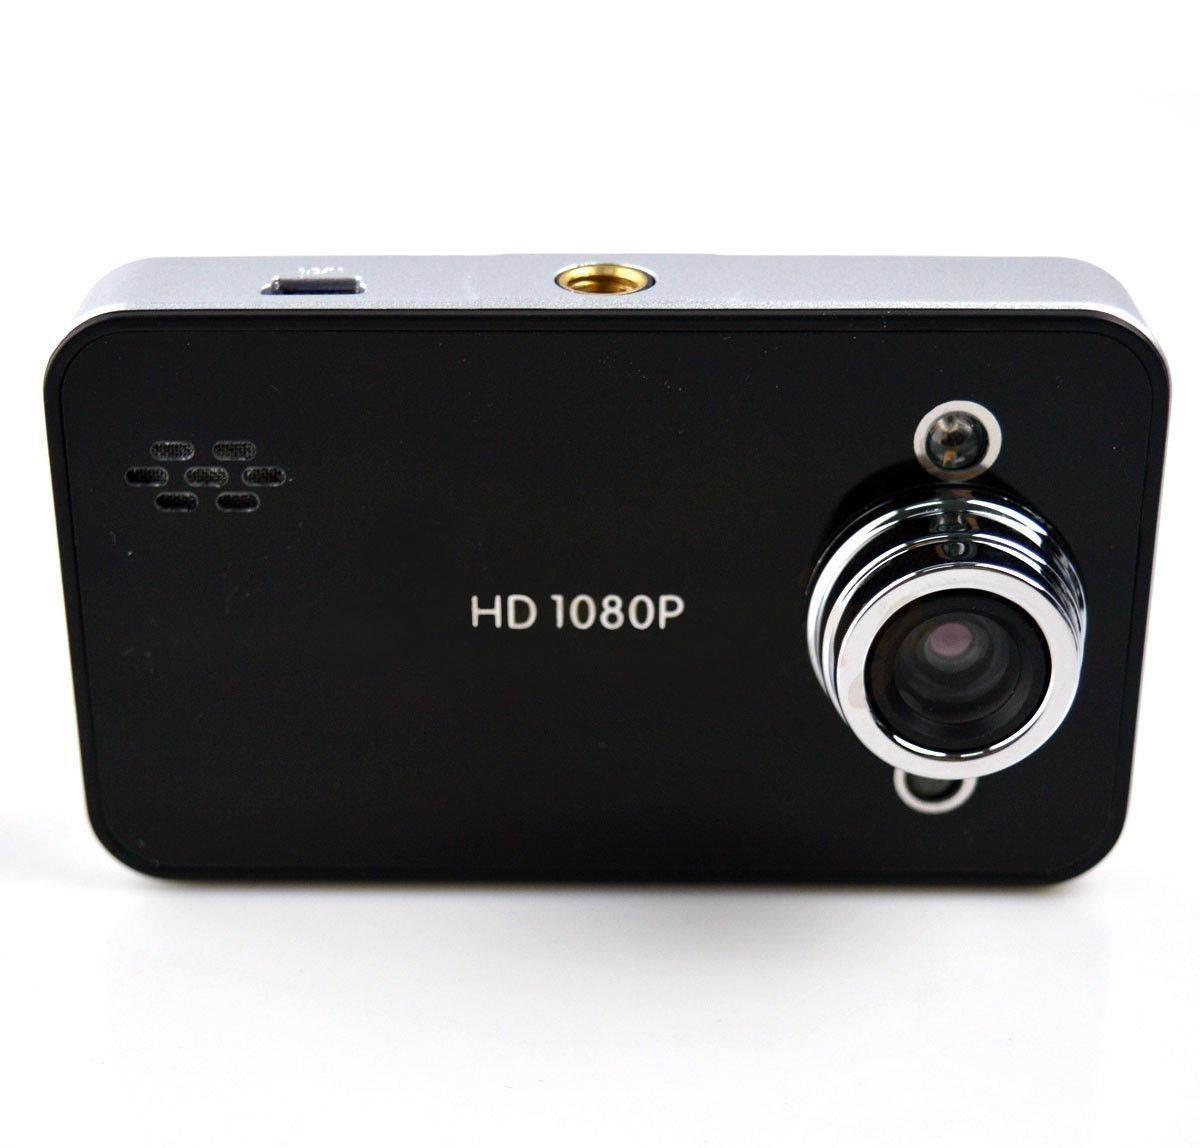 2.4 Caméra Full HD 1080P voiture DVR enregistreur vidéo Dash cam caméscope Livraison gratuite véhicule www.avalonkef.com 2.jpg